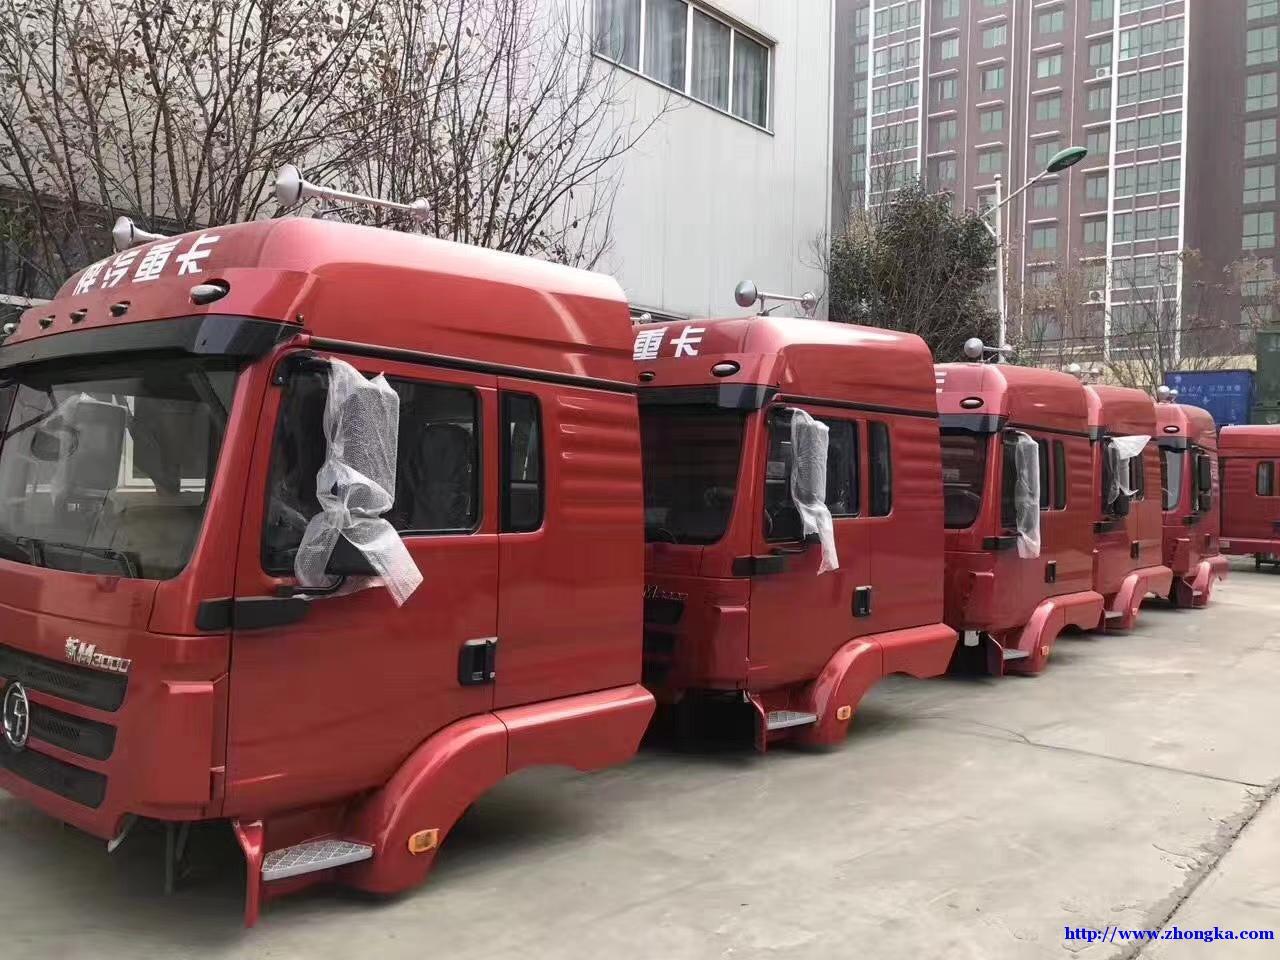 陕汽原厂各型号驾驶室总成,本体 底价火热促销中---火爆